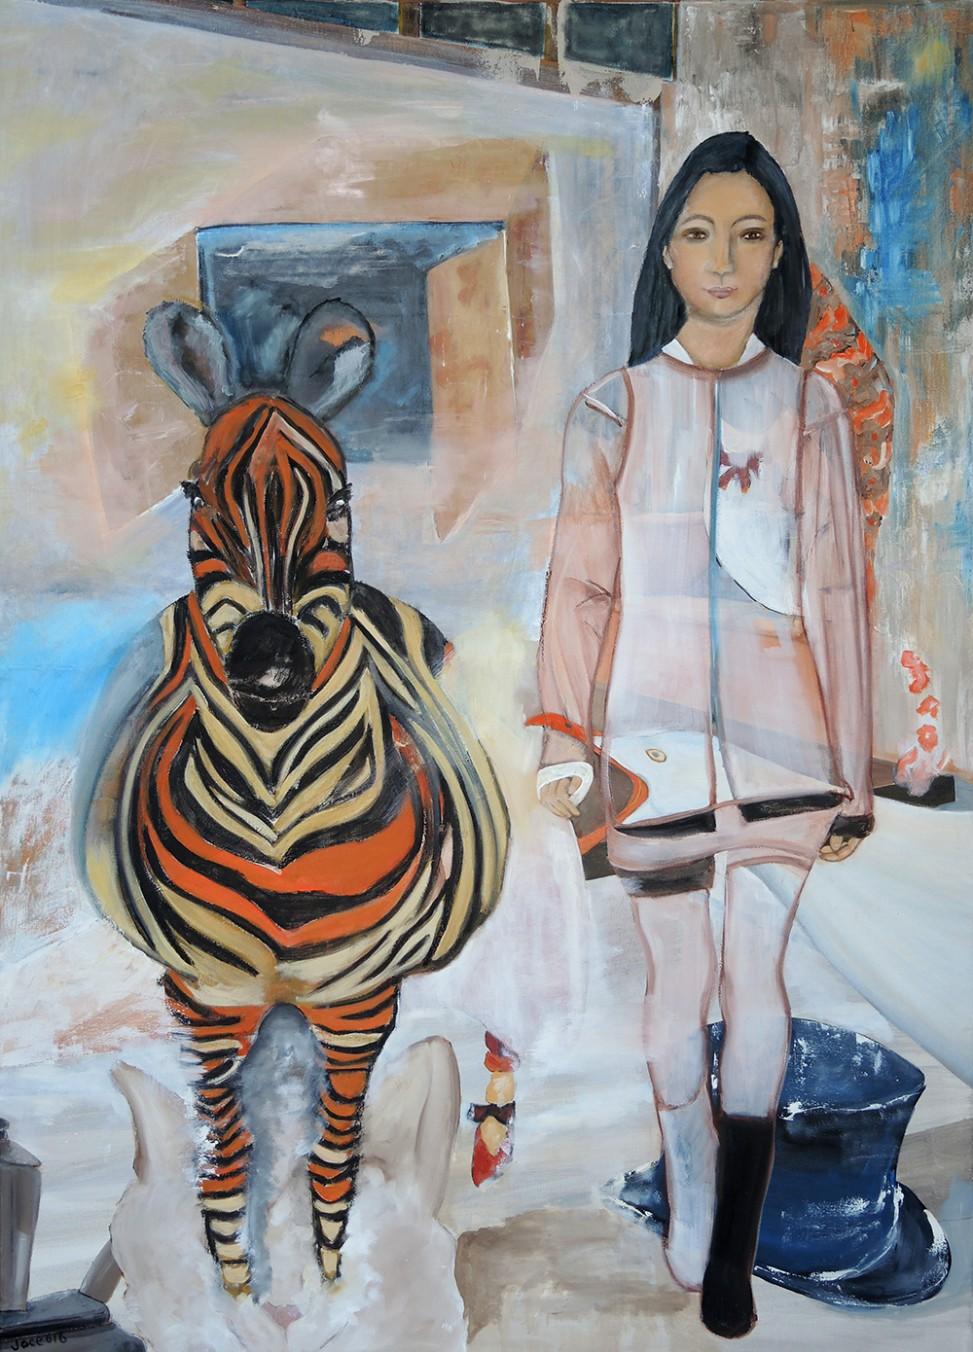 Le zèbre avec la fille - Joce artiste peintre